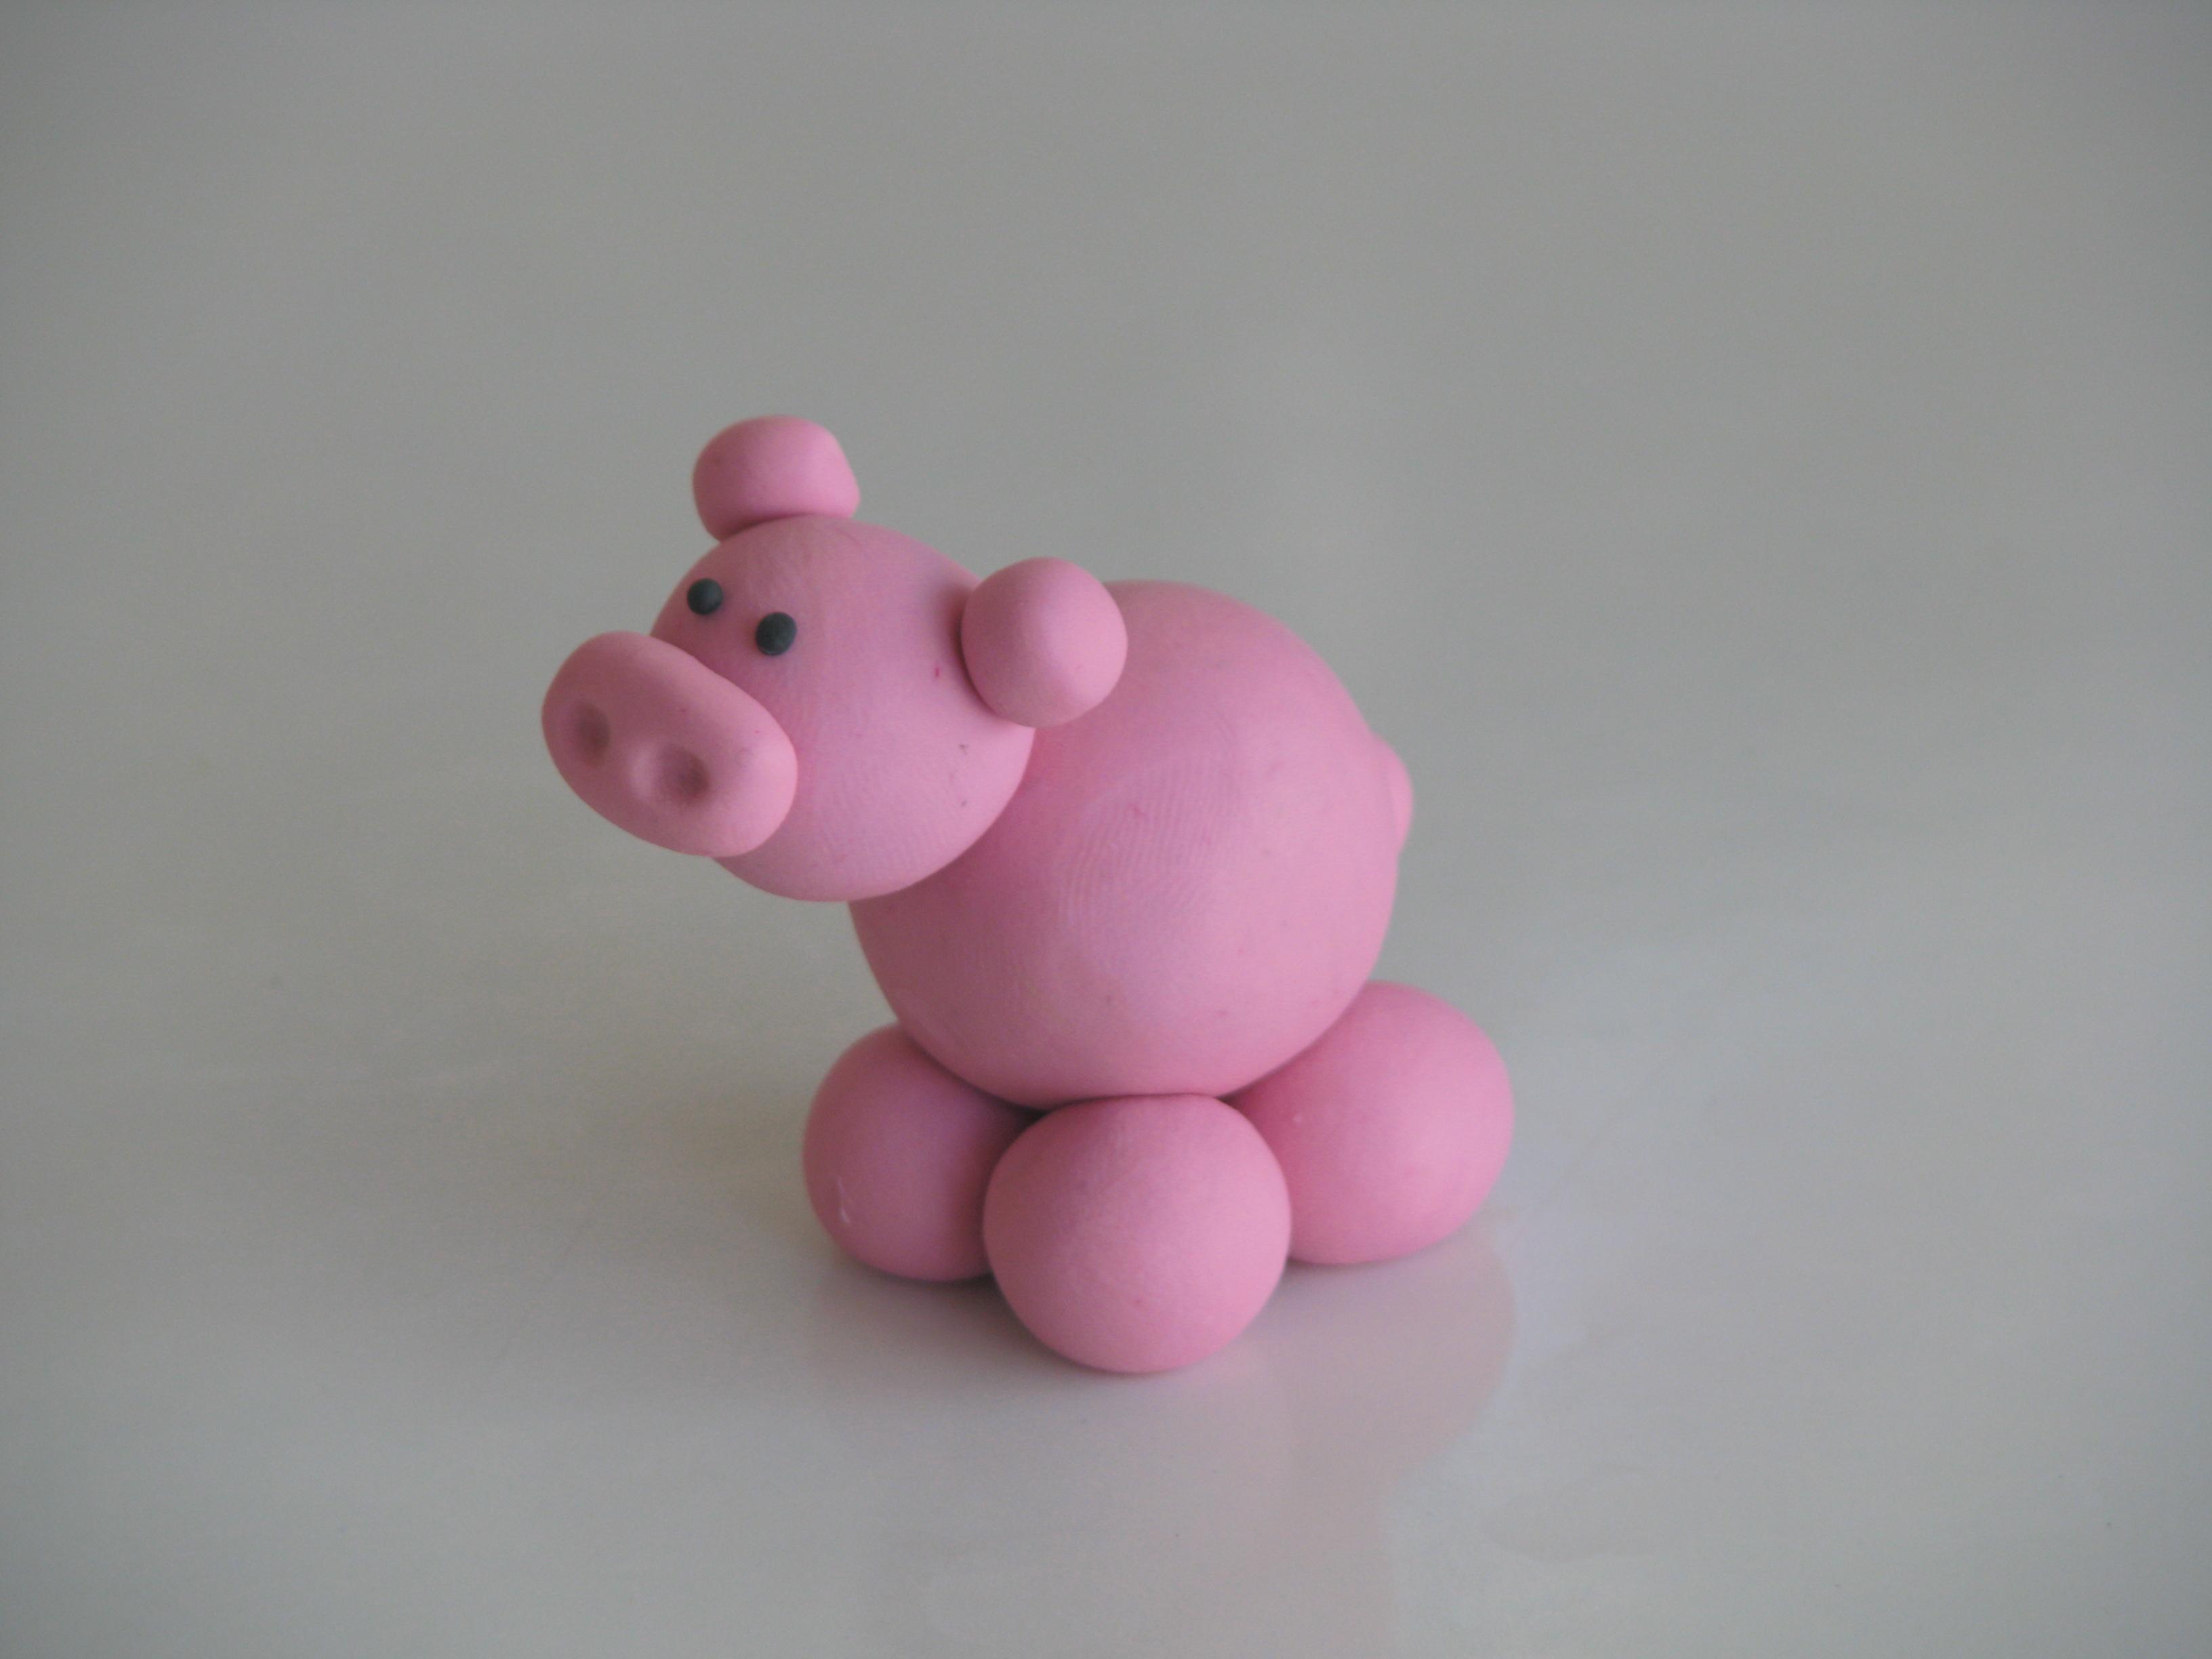 חזיר מפלסטלינה